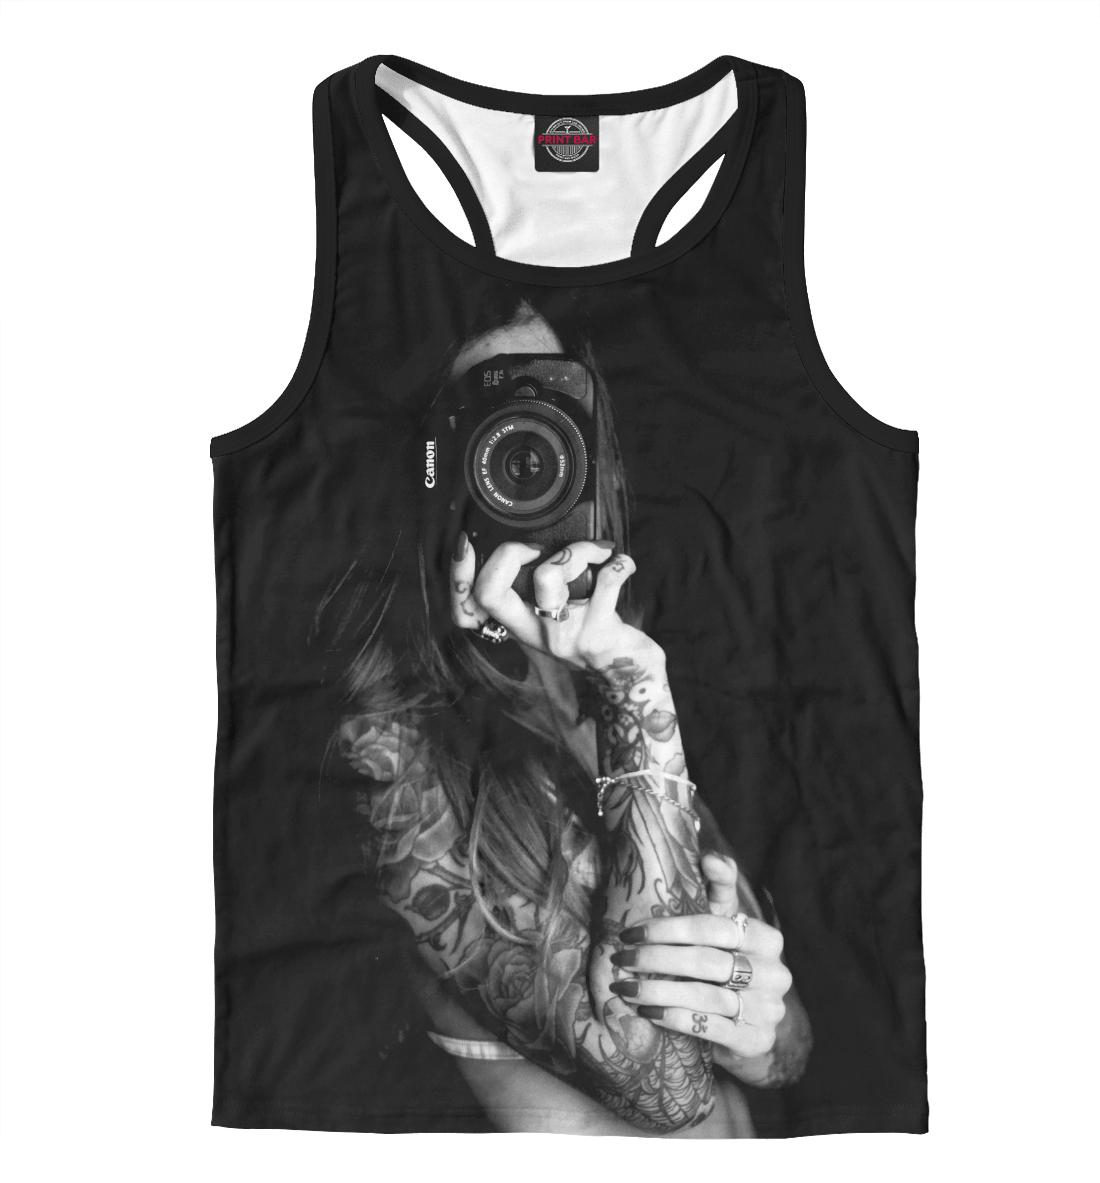 Купить Девушка с фотоаппаратом, Printbar, Майки борцовки, DVU-774807-mayb-2